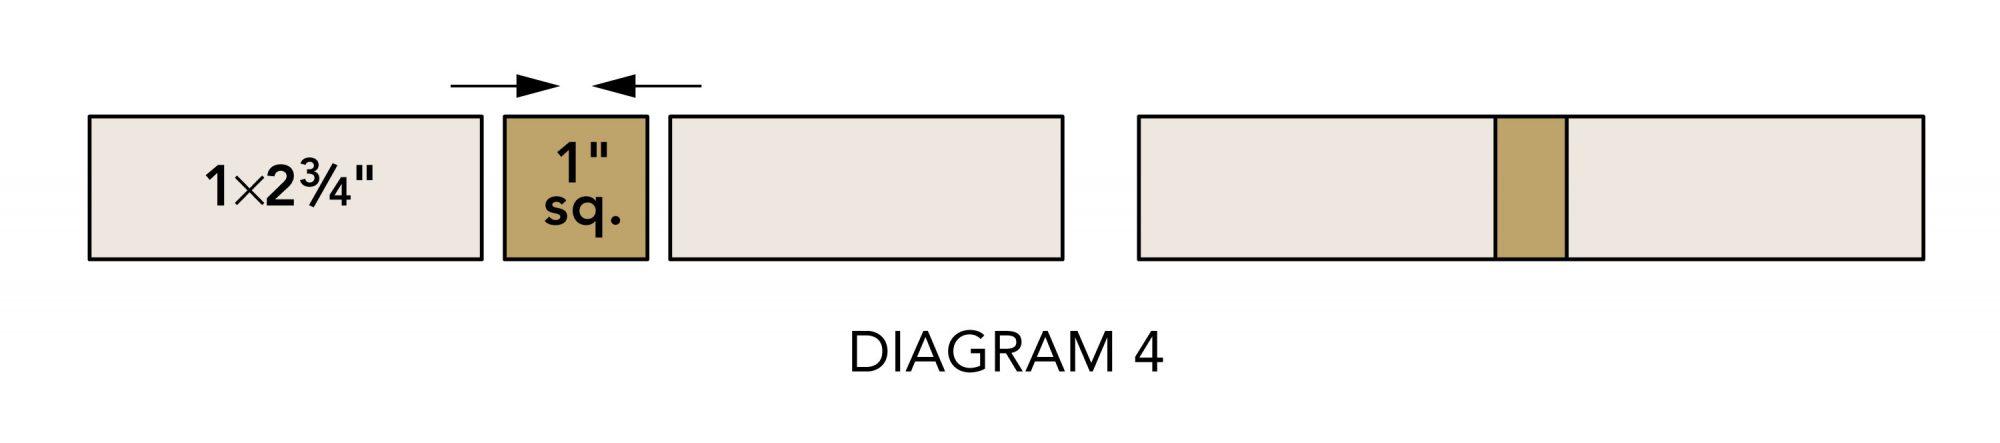 Fall Mug Rugs diagram 4